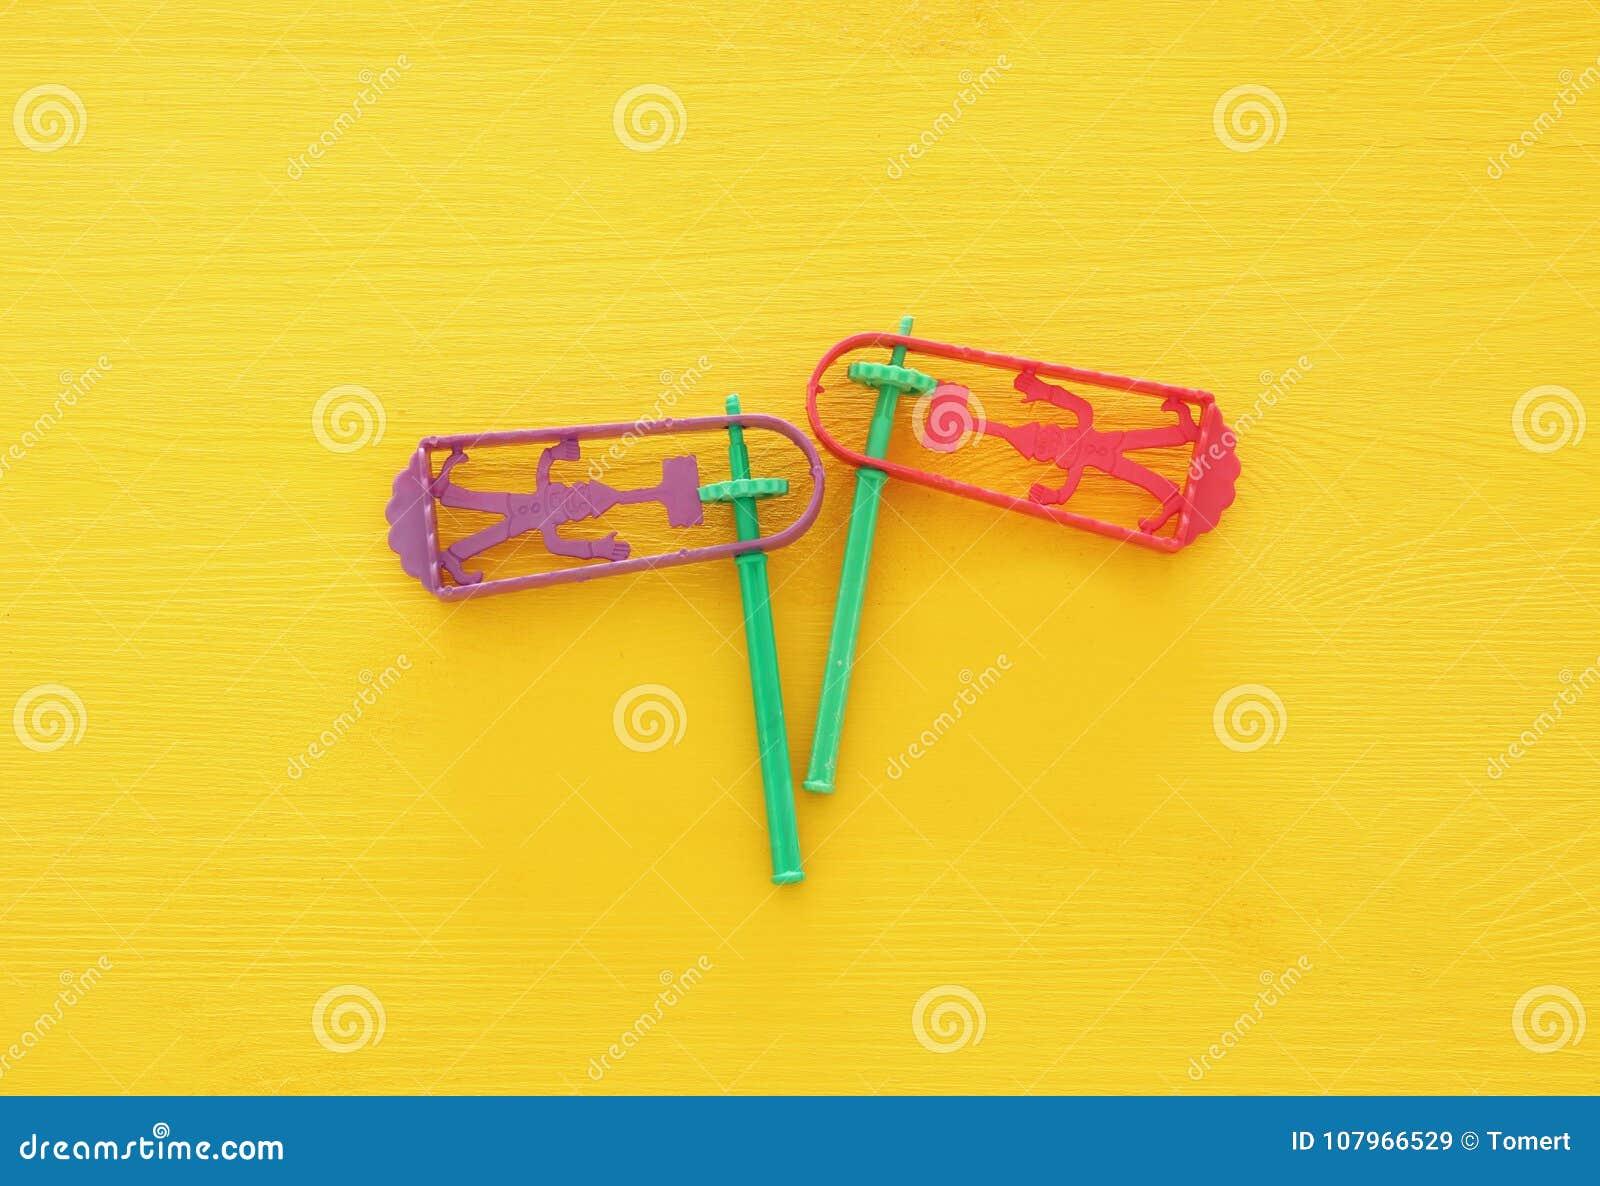 普珥节庆祝概念& x28; 犹太狂欢节holiday& x29; 噪声制造商传统玩具顶视图